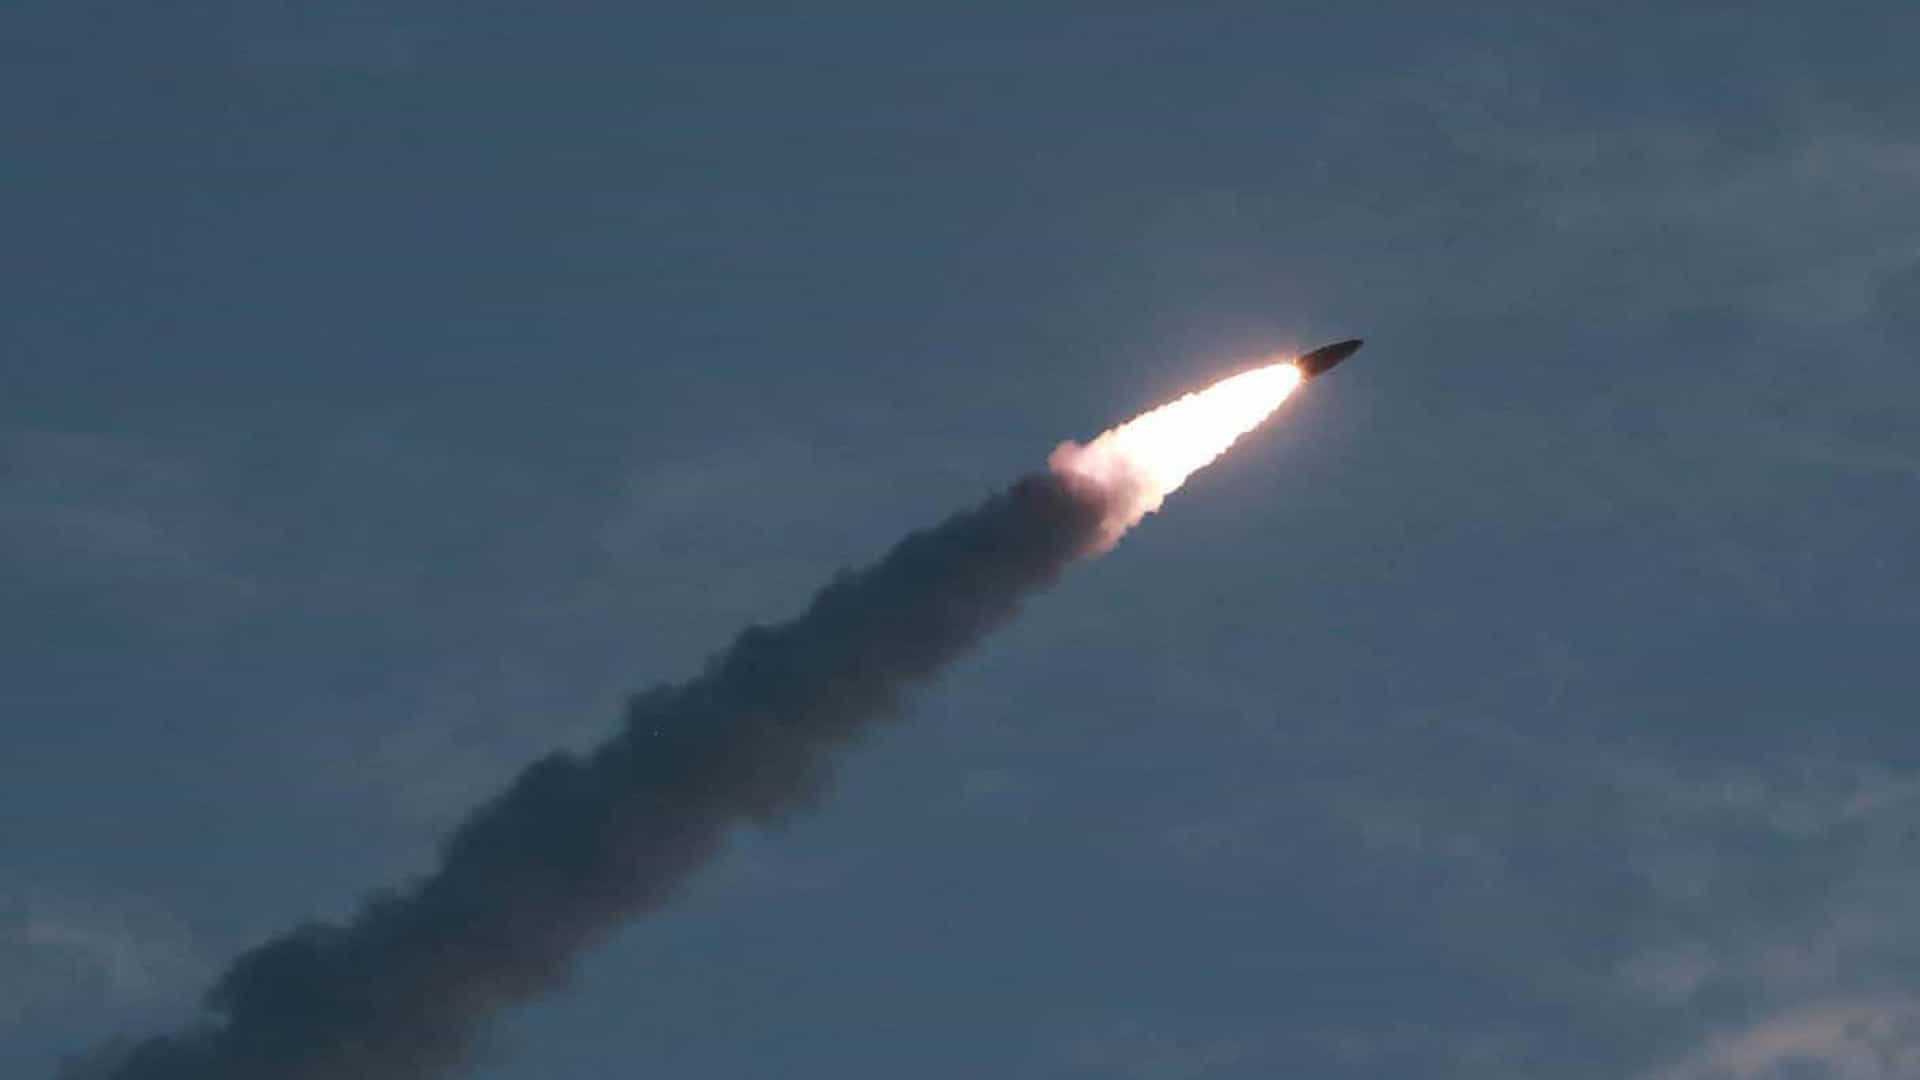 Nações europeias criticam lançamento de míssil pela Coreia do Norte